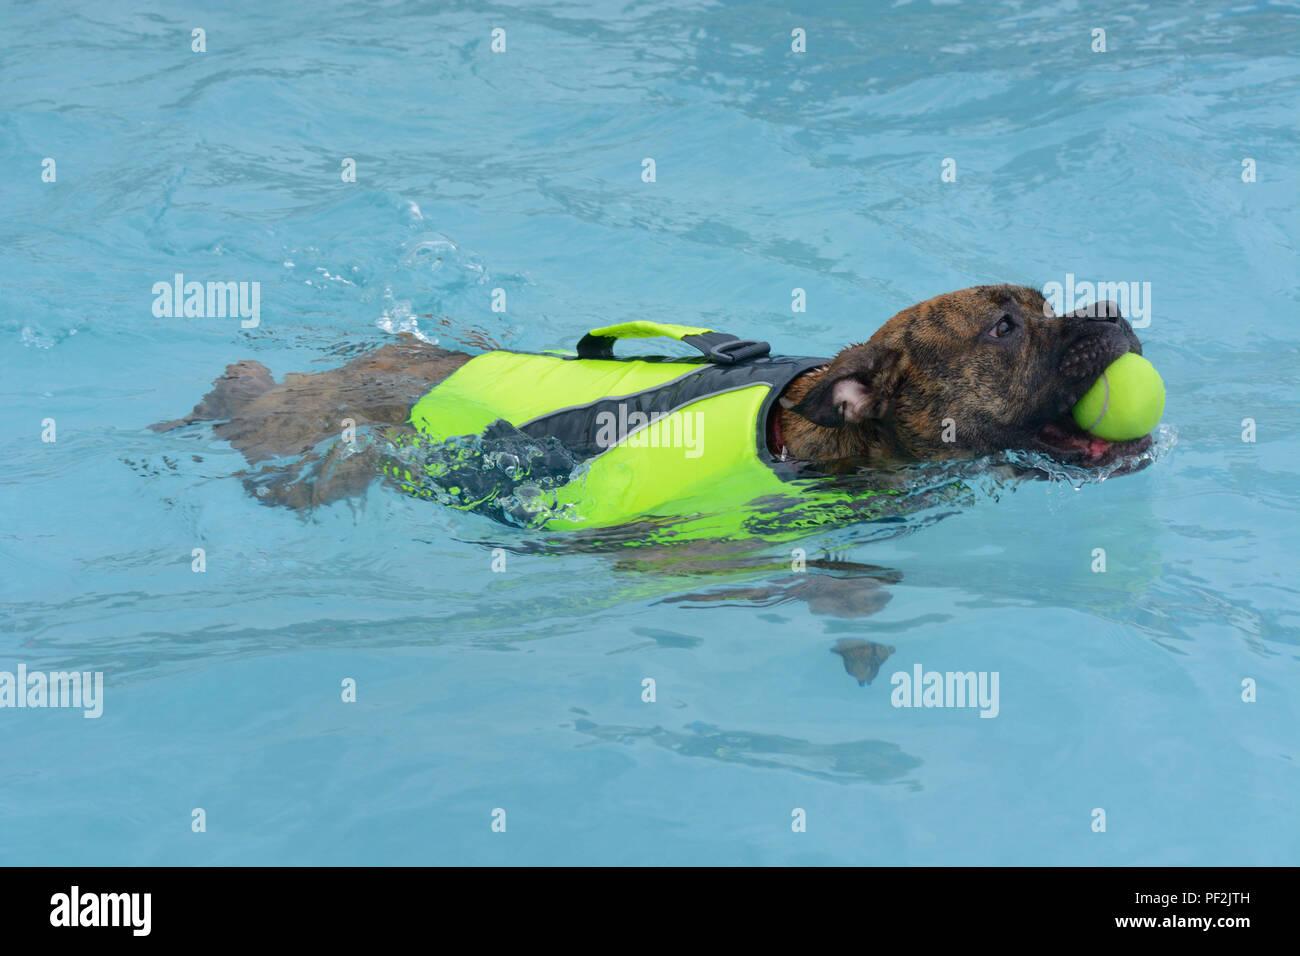 Flotation Stock Photos & Flotation Stock Images - Alamy